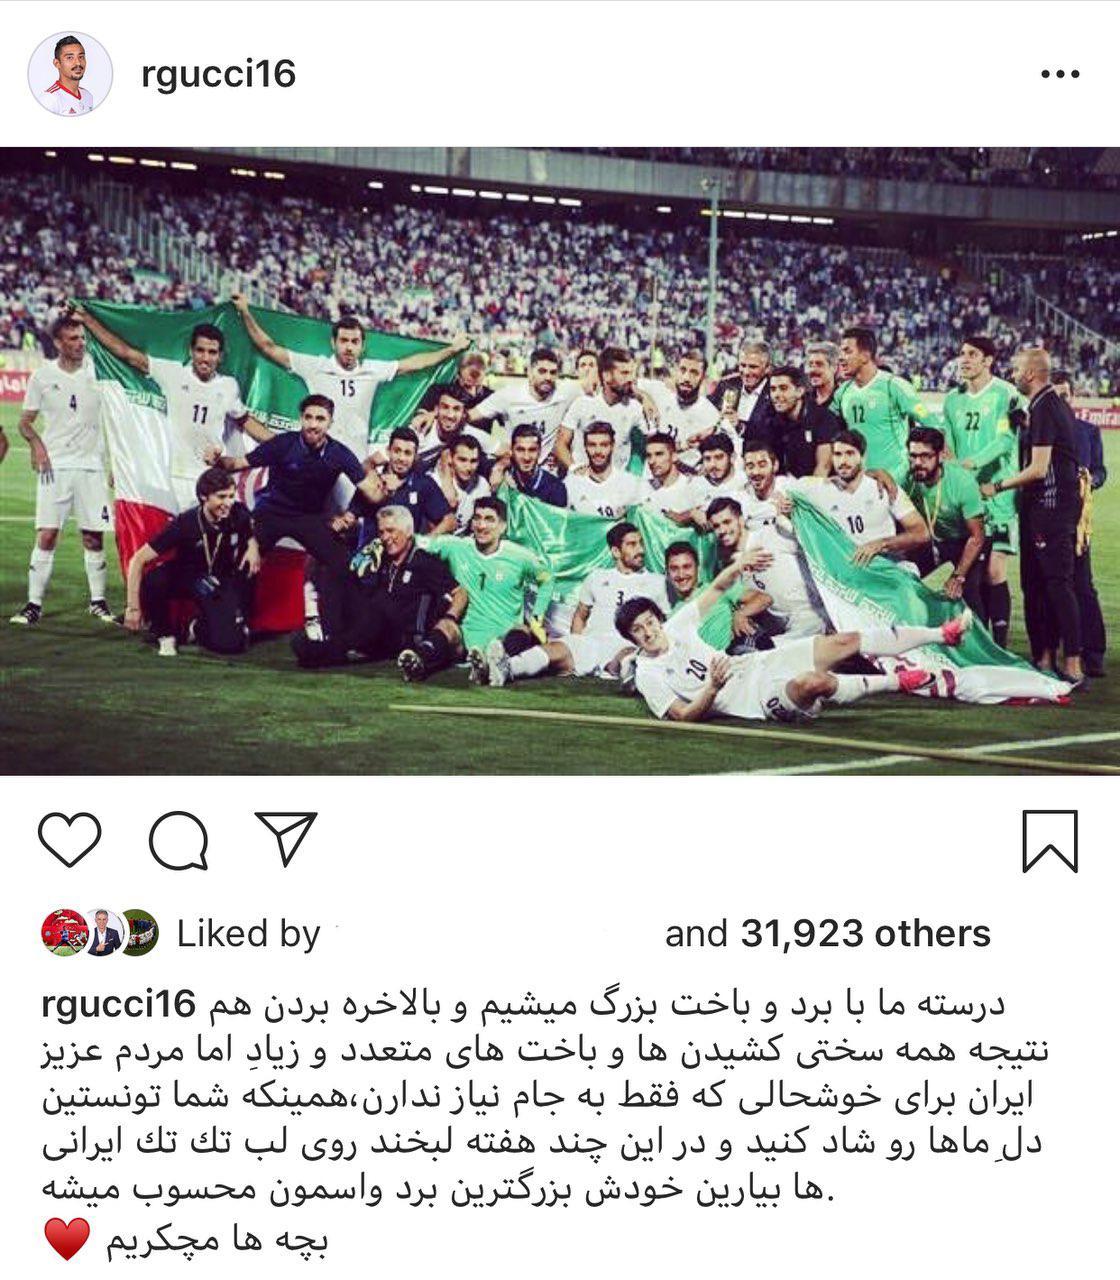 تمجید قوچاننژاد از عملکرد تیم ملی (+عکس)